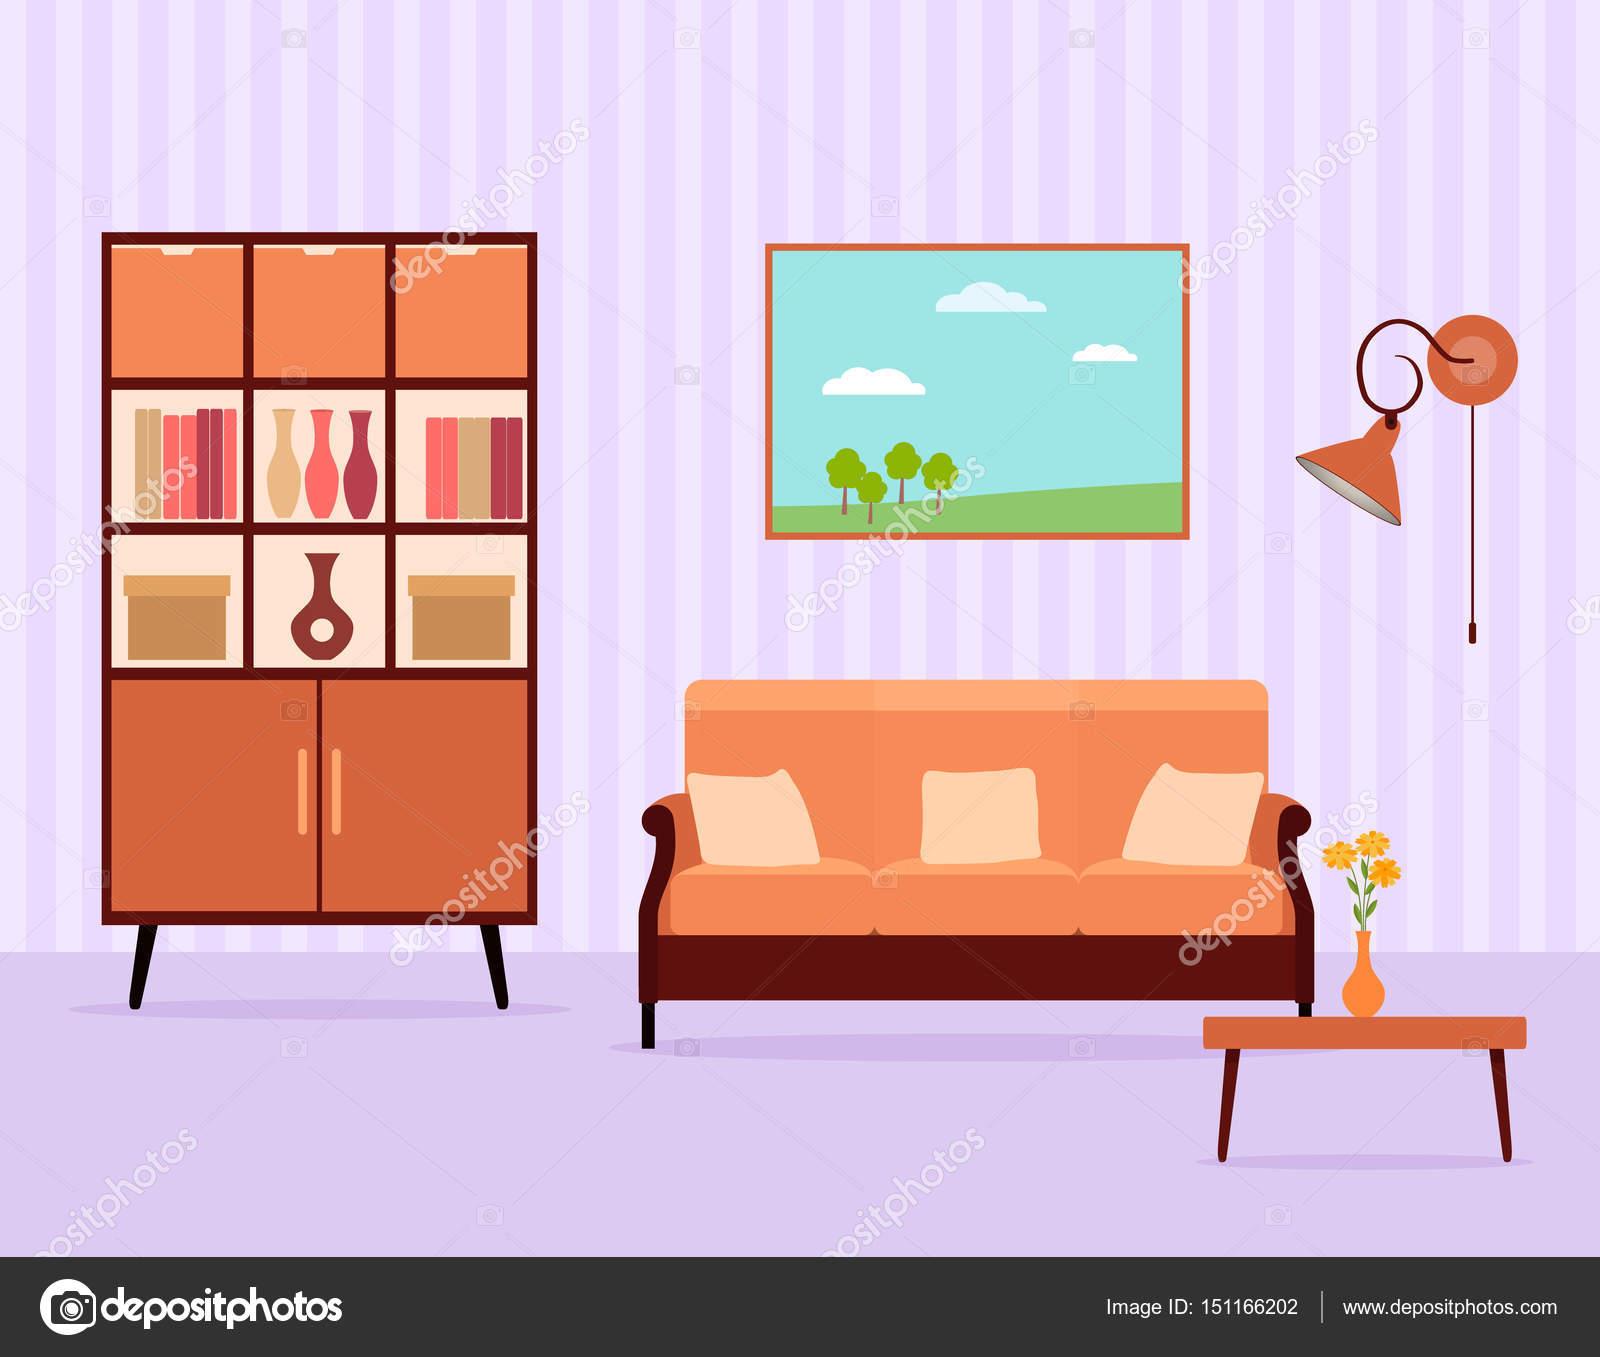 Wohnzimmer Innenraum Design Im Flachen Stil Einschließlich Möbel, Schrank,  Sofa, Tisch, Lampe